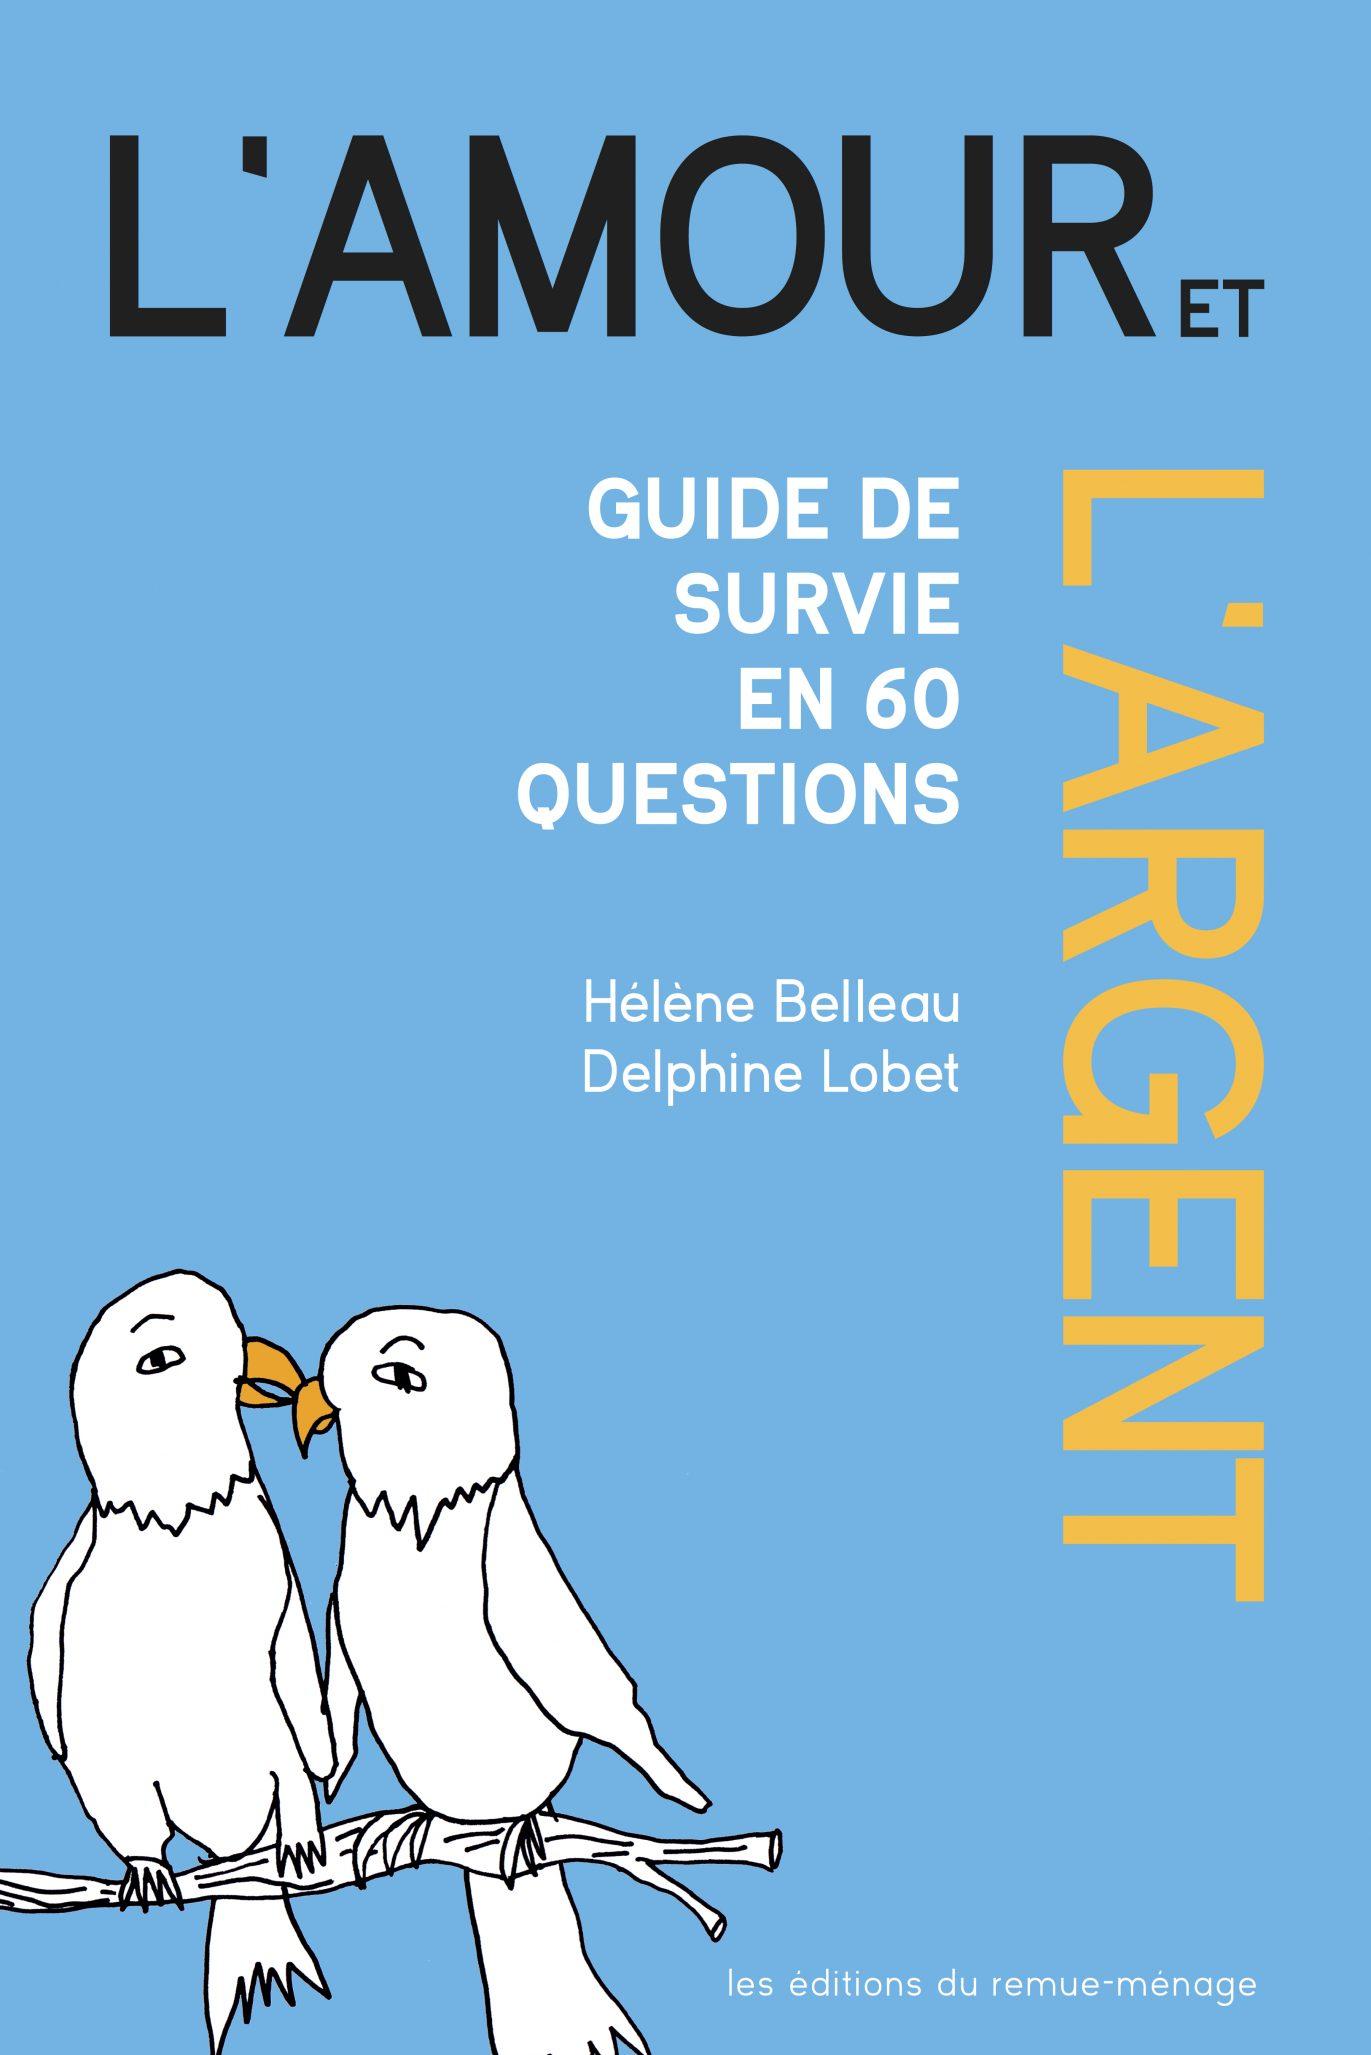 Combien Coute L Edition D Un Livre : combien, coute, edition, livre, Amour, L'argent,, éditions, Remue-ménage